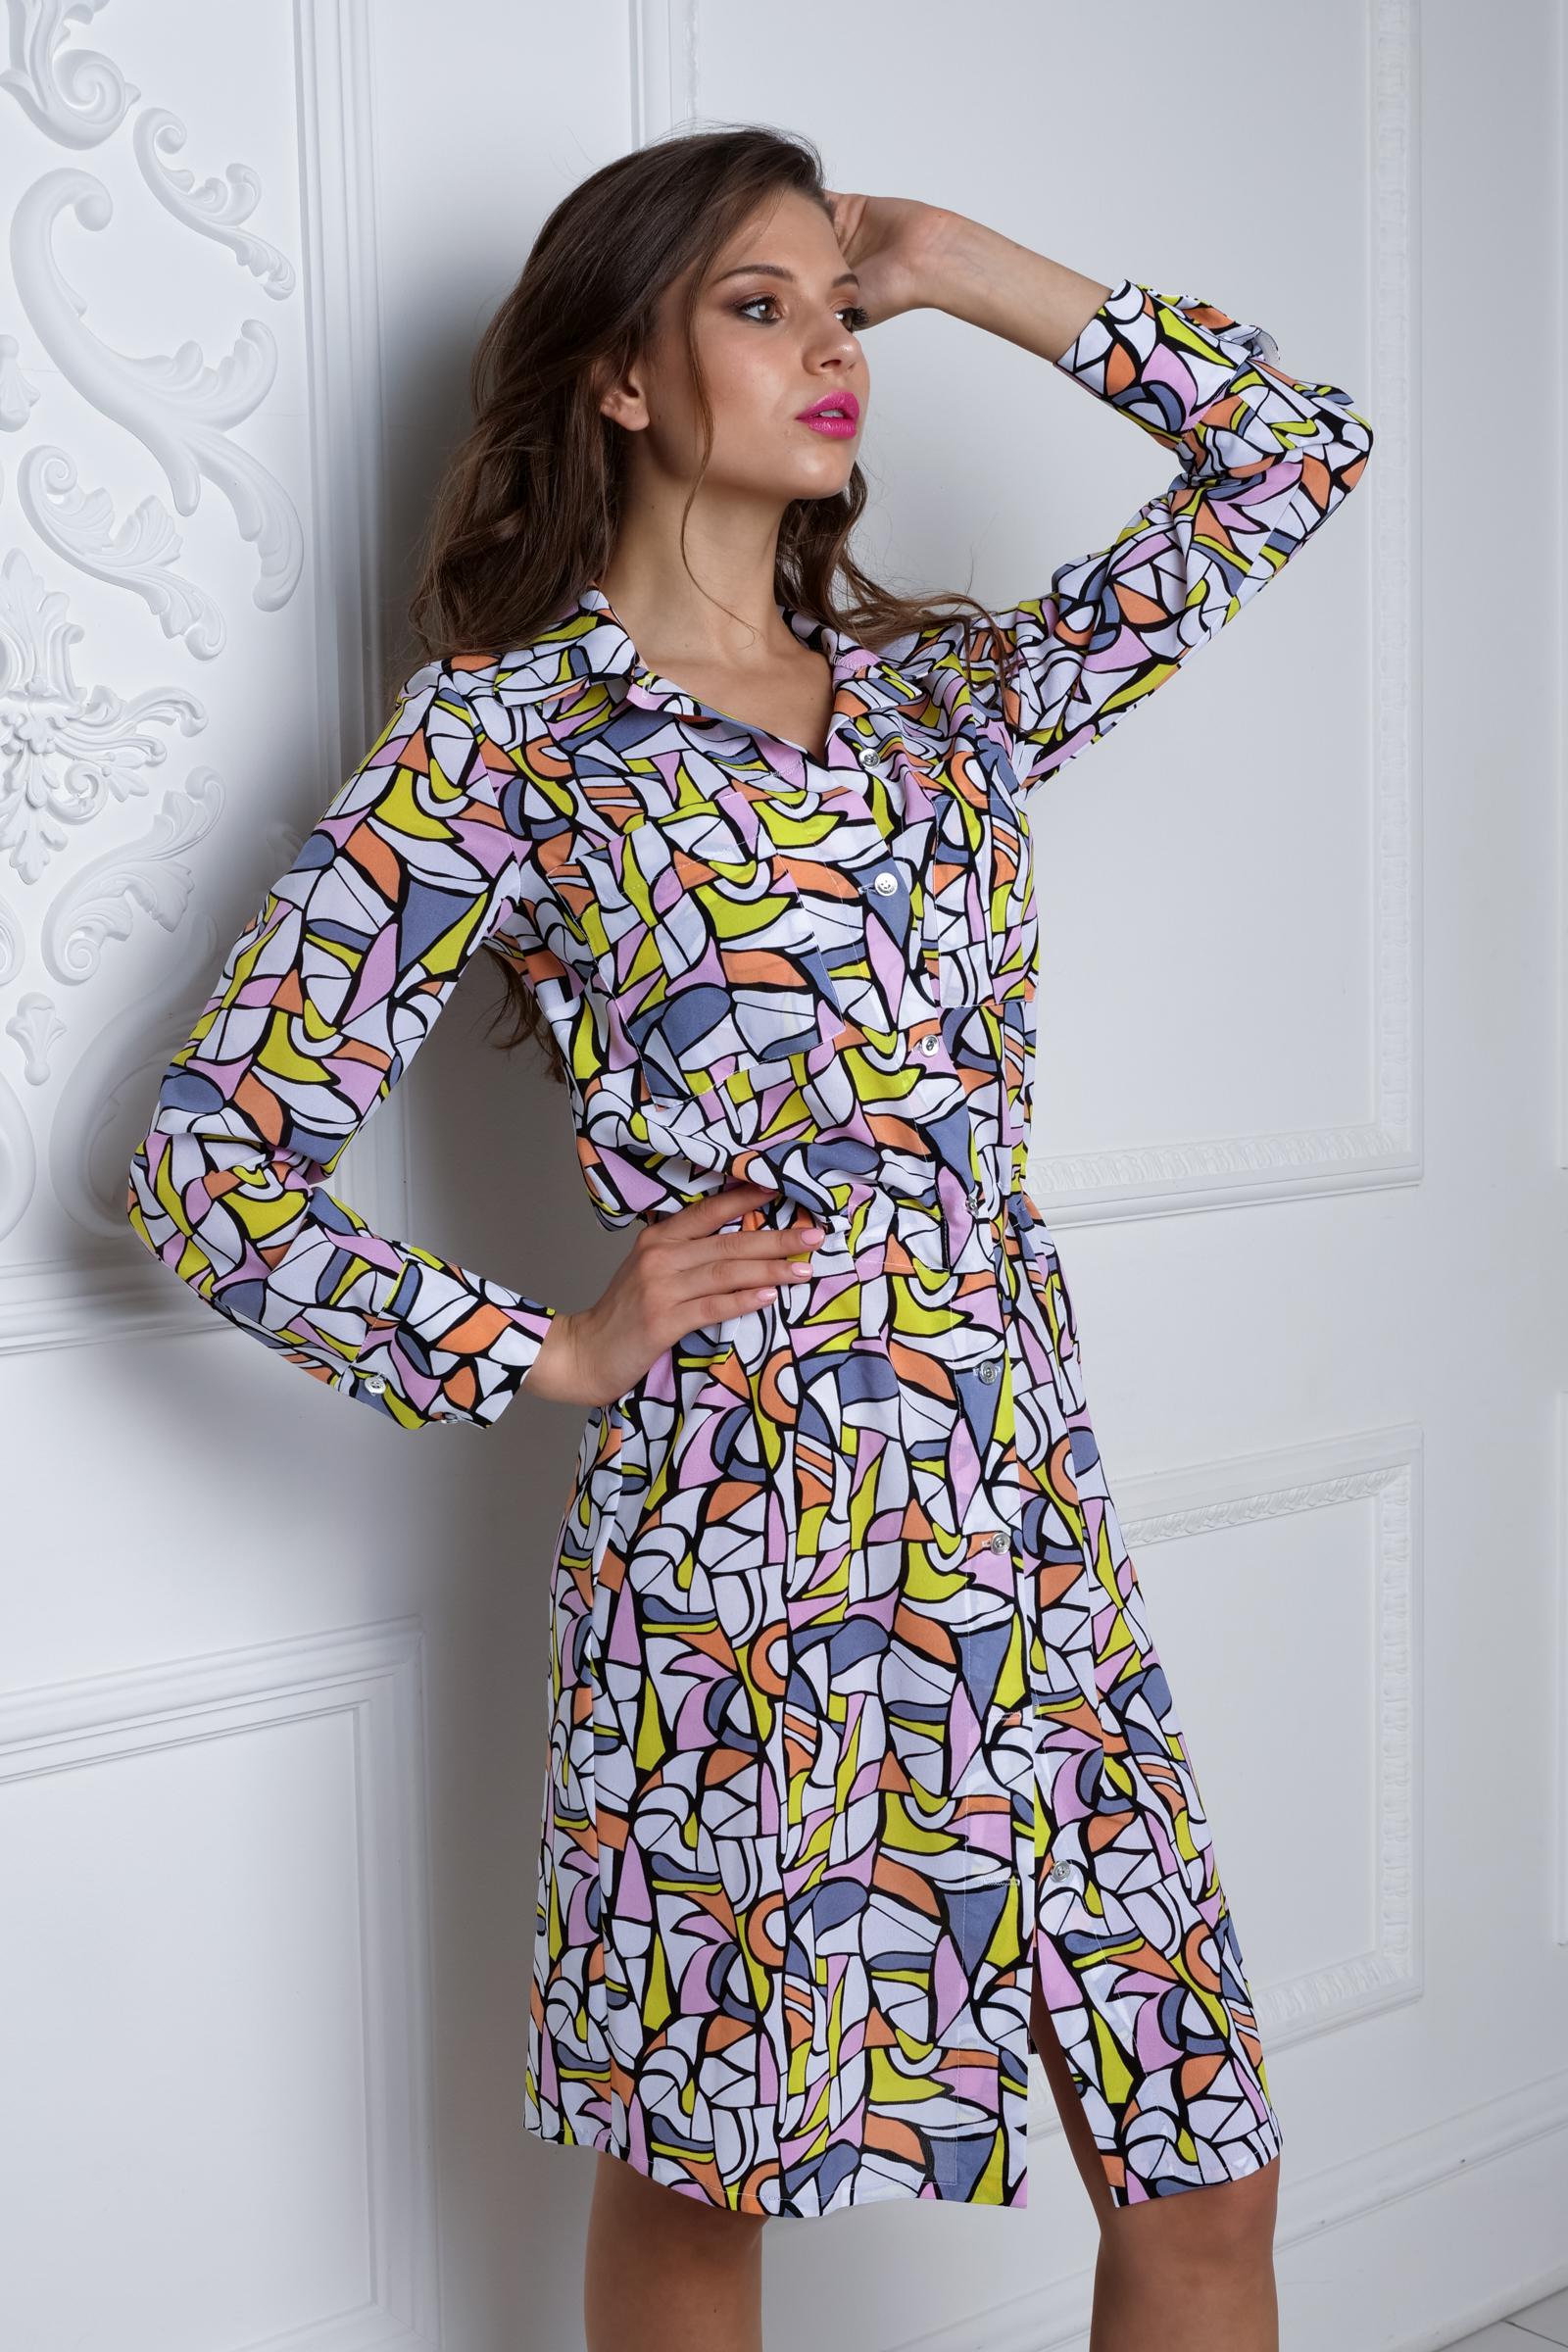 c5bbca3c7fc37 SDRESS laboratory платье-рубашка, абстракция купить в интернет ...